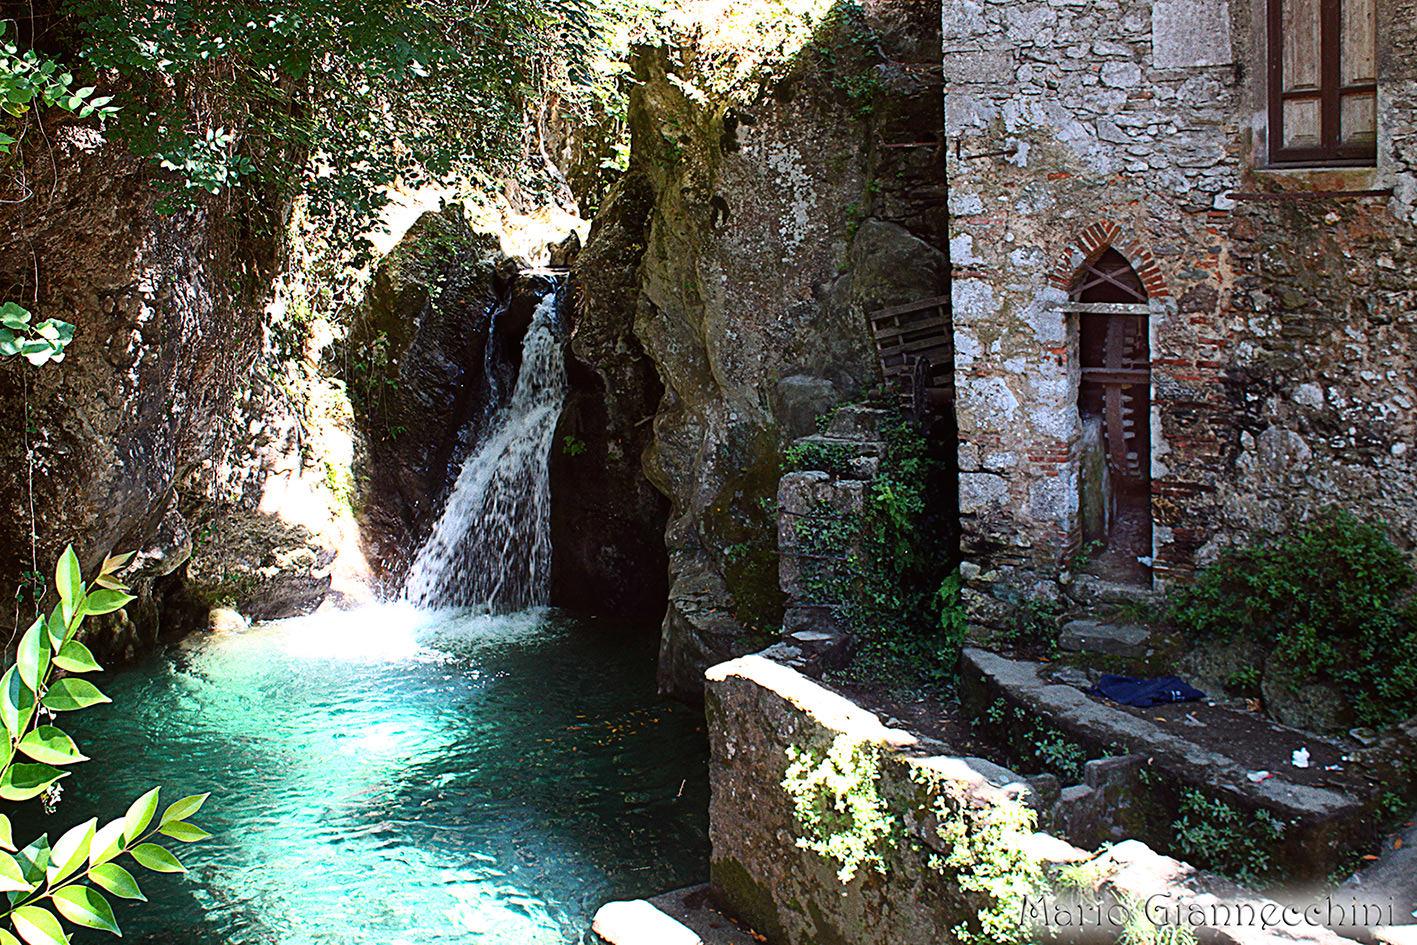 Cascate in toscana un viaggio nelle oasi diari di viaggio for Volantino acqua e sapone toscana